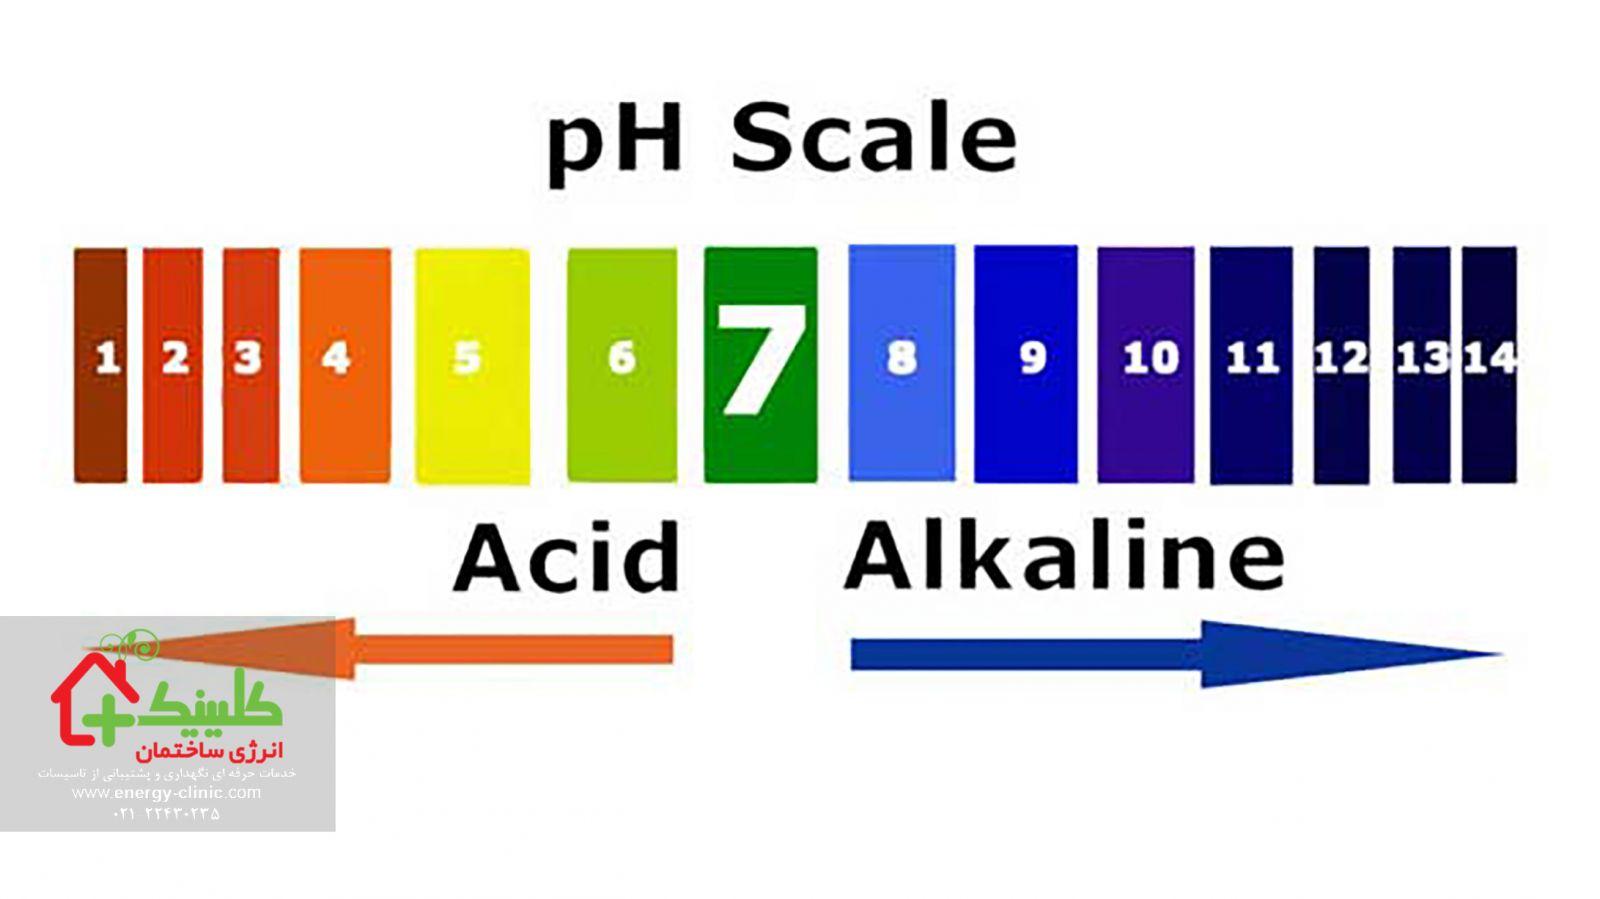 سطح ایمن ph آب استخر